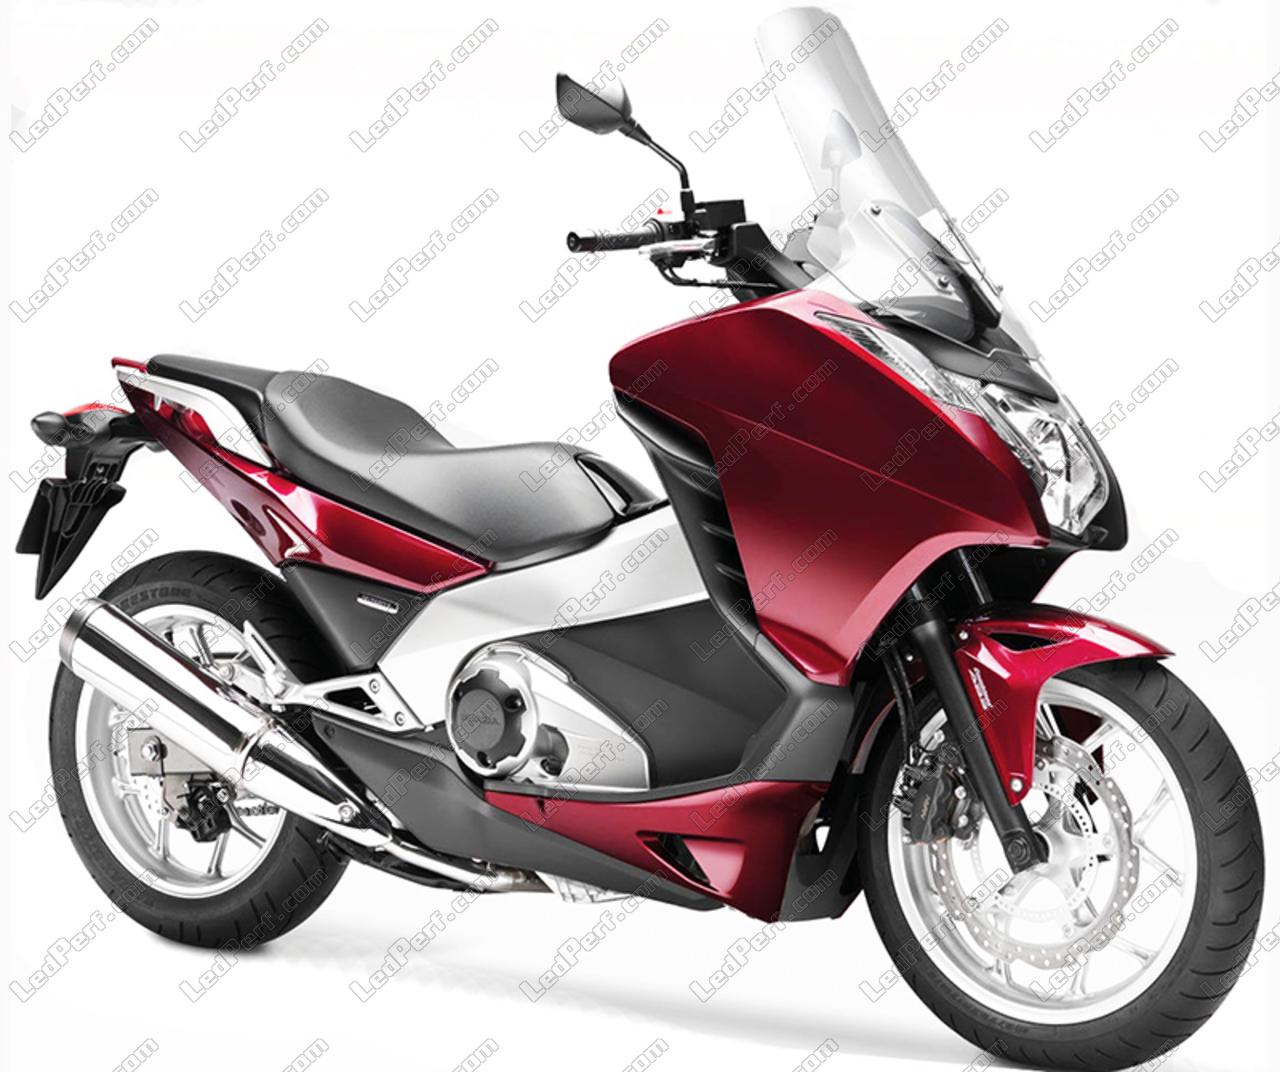 Led Bulb For Honda Integra 700